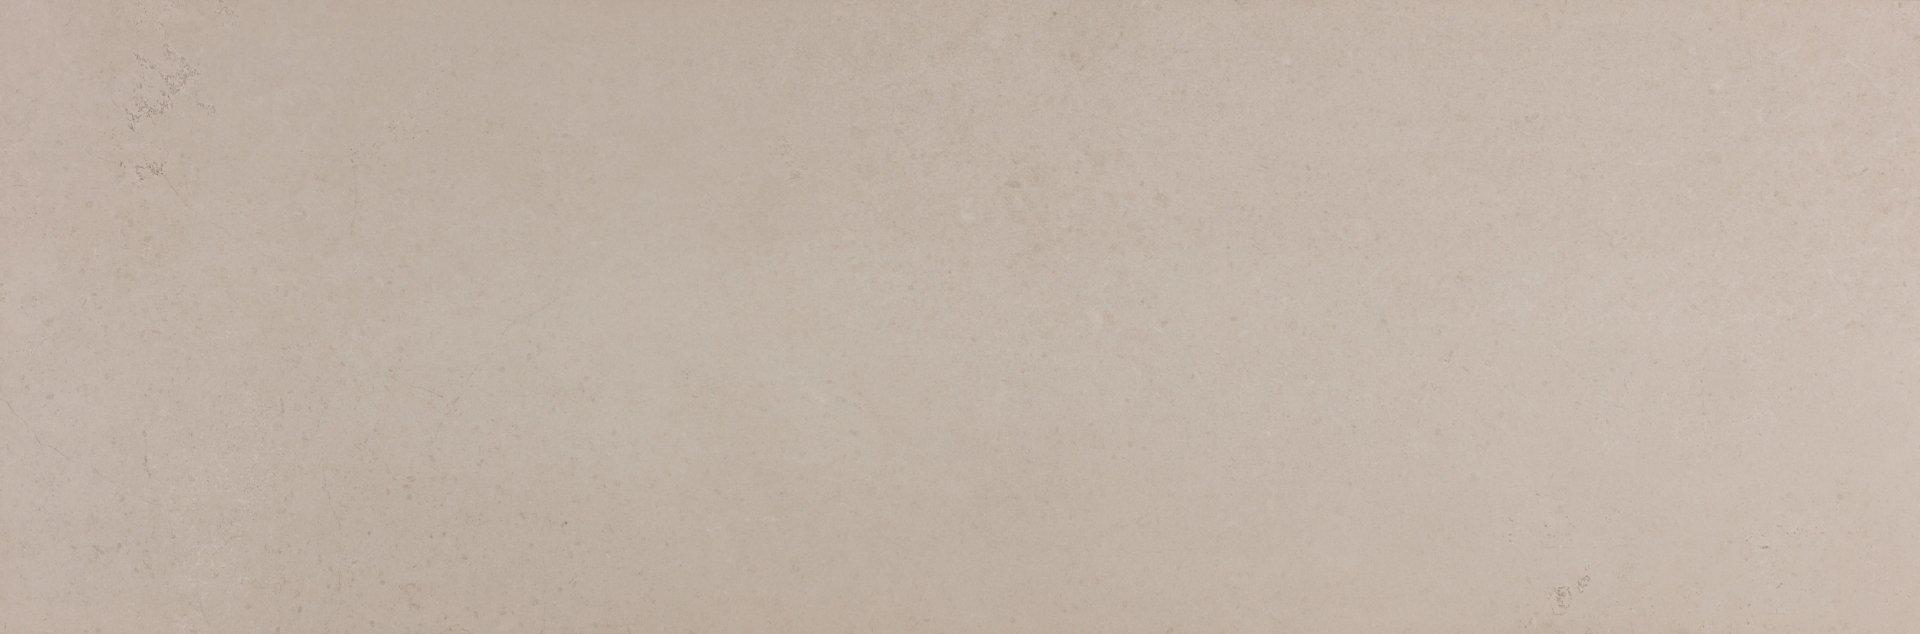 Faianță pentru baie Ecoceramic Flagstone Blanco 400x1200 mată alb / 3